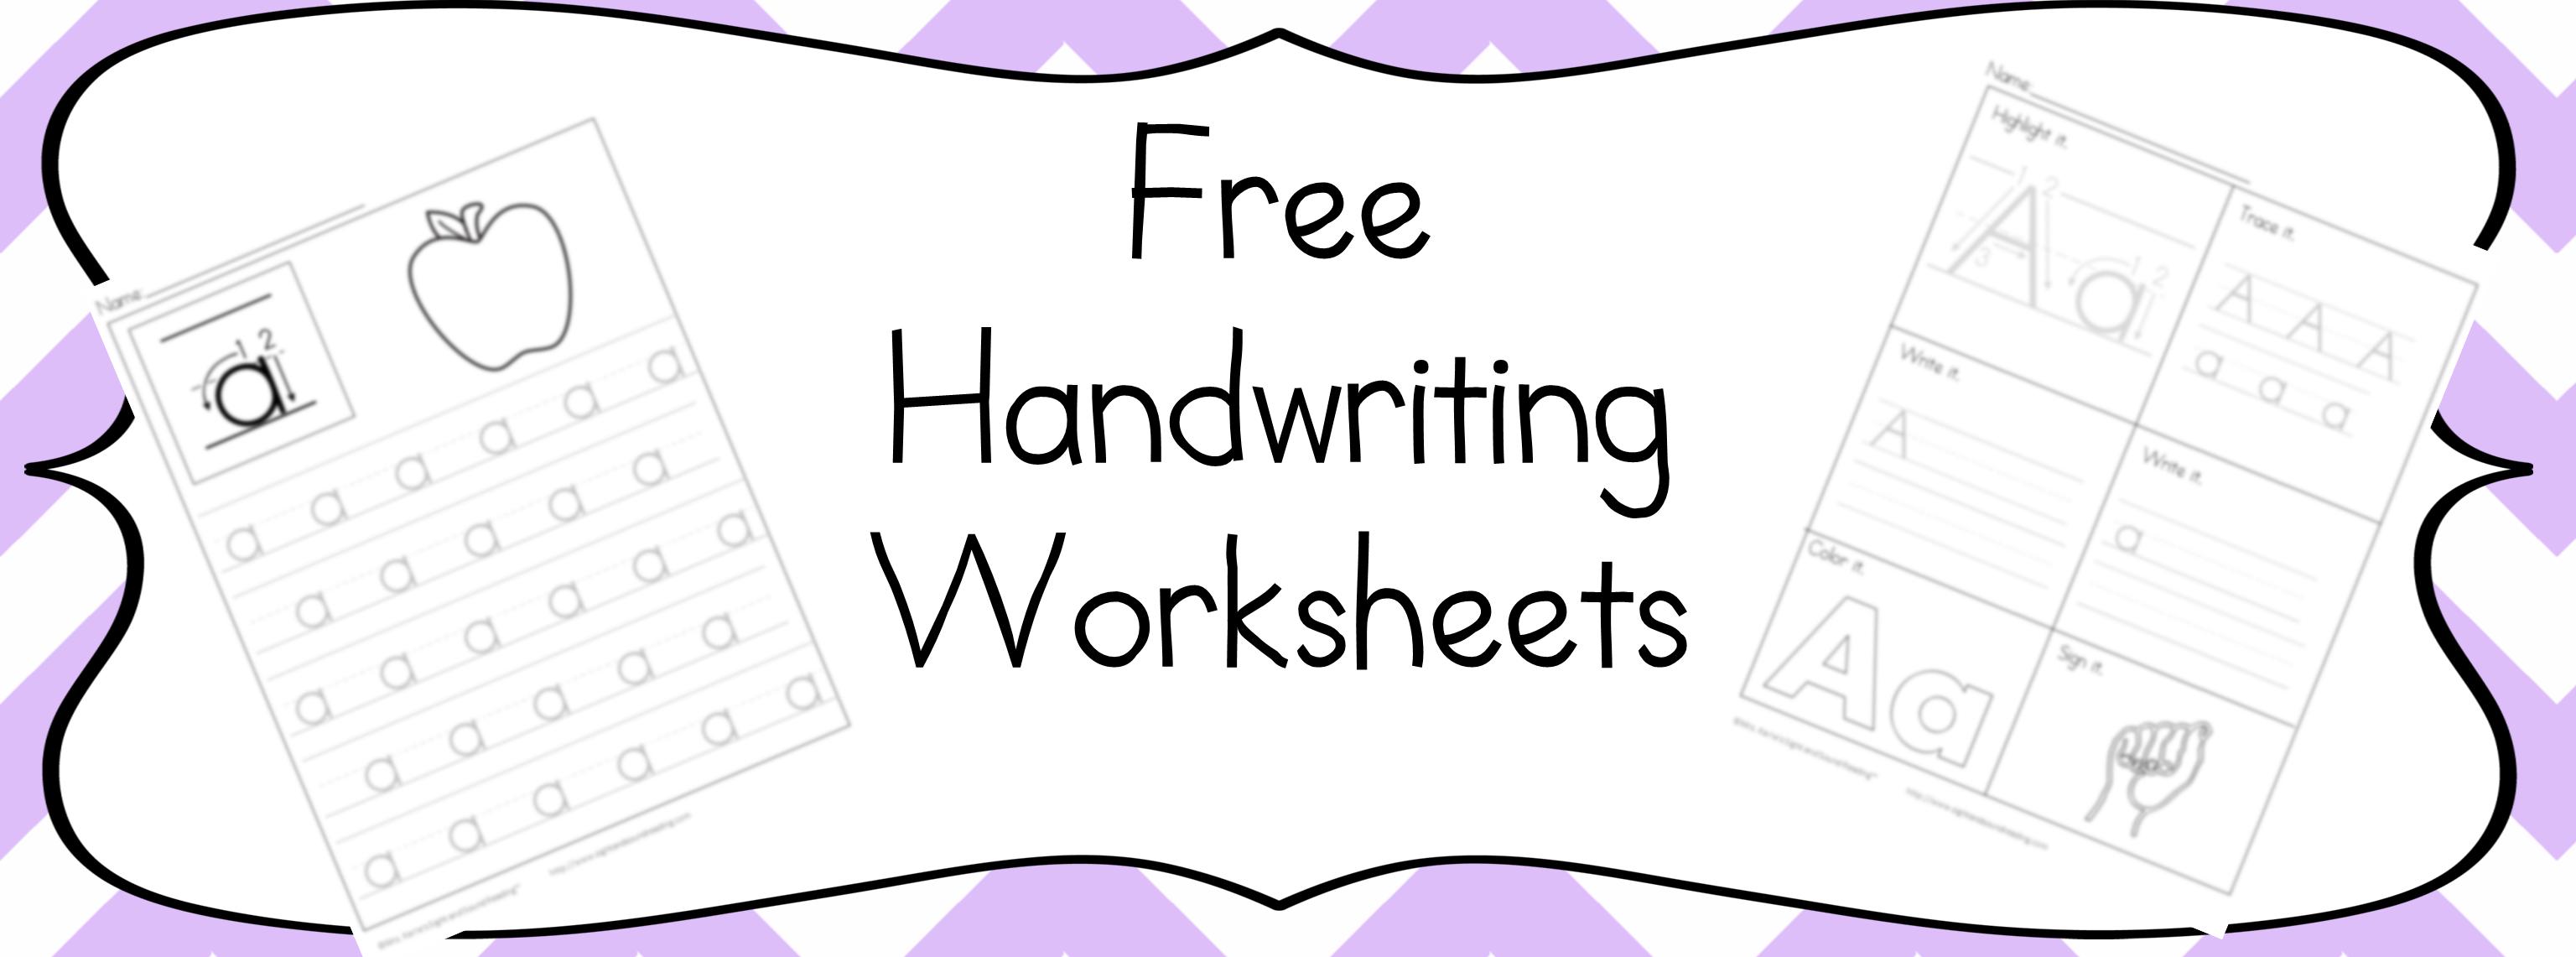 over 350 free handwriting worksheets for kids. Black Bedroom Furniture Sets. Home Design Ideas